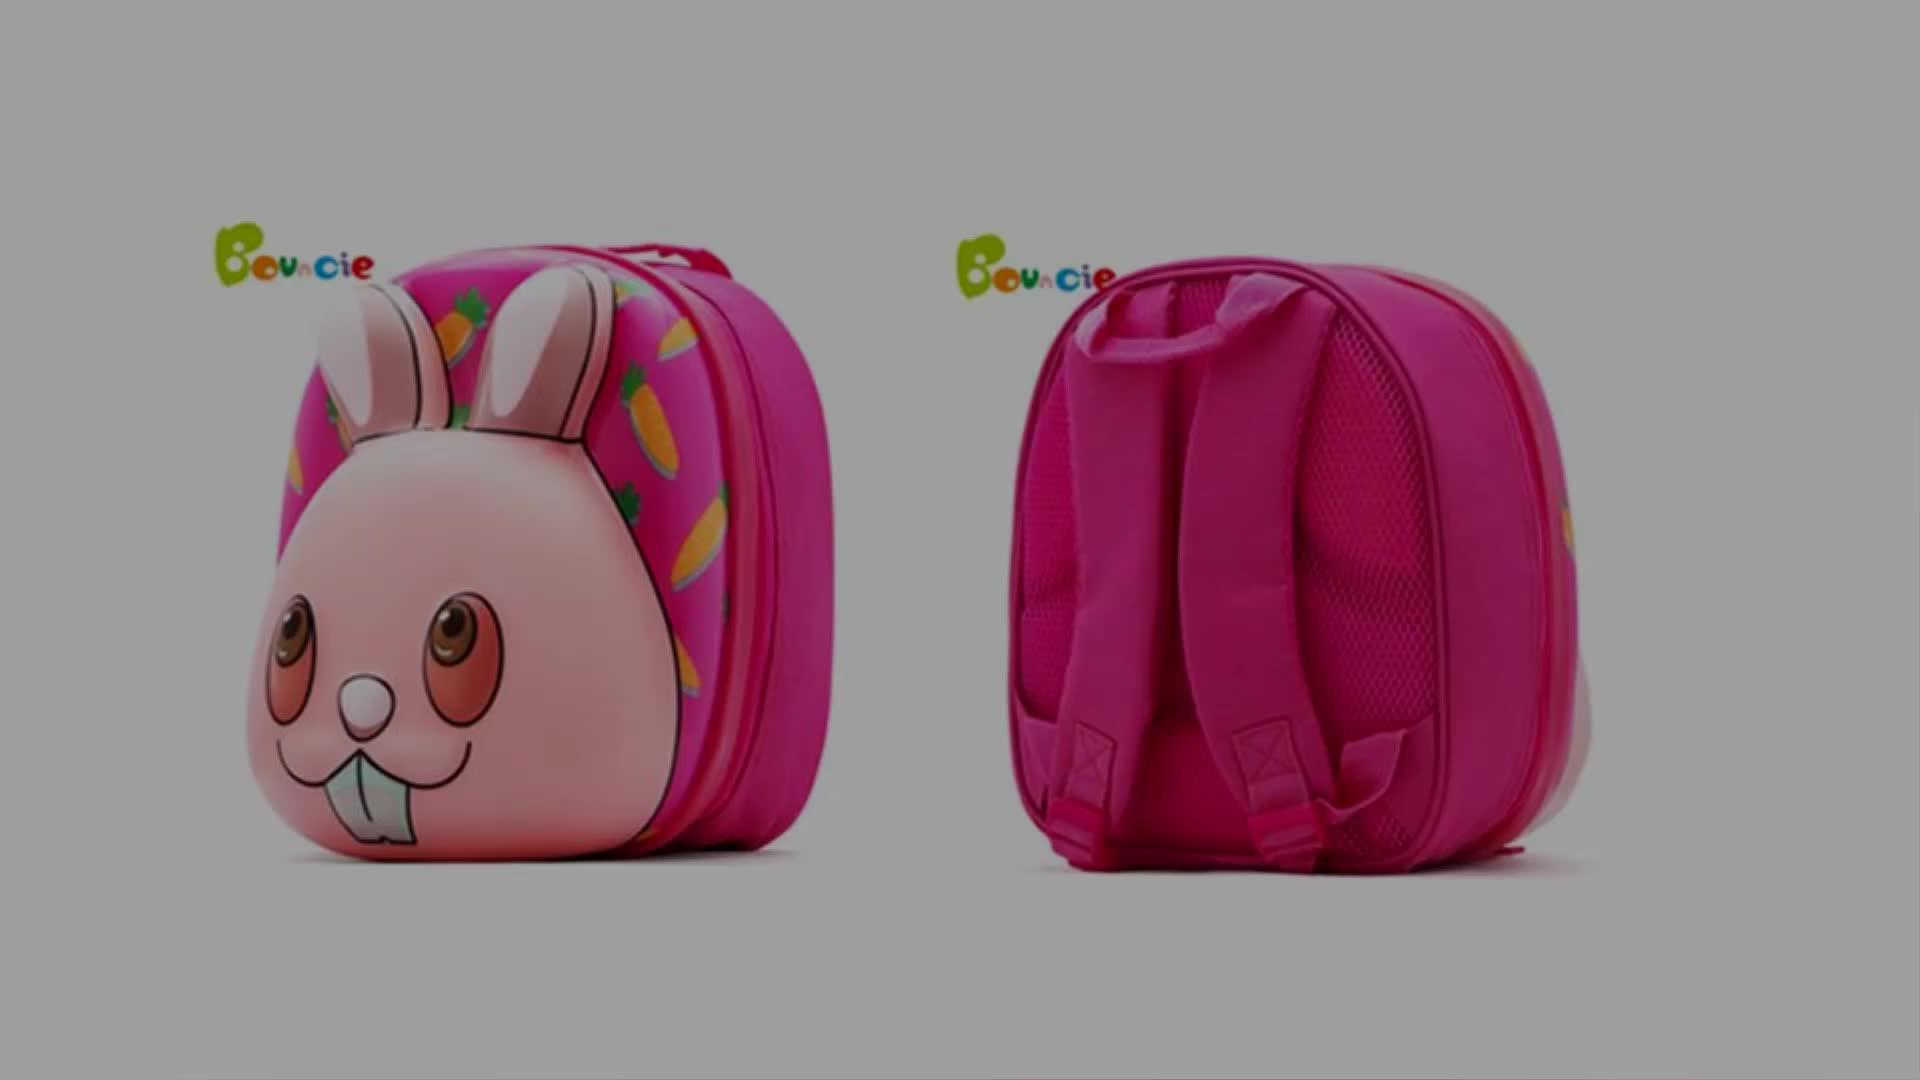 3D 만화 어린이 배낭 12 인치 동물 어깨 가방 방수 하드 쉘 셸 운반 가방